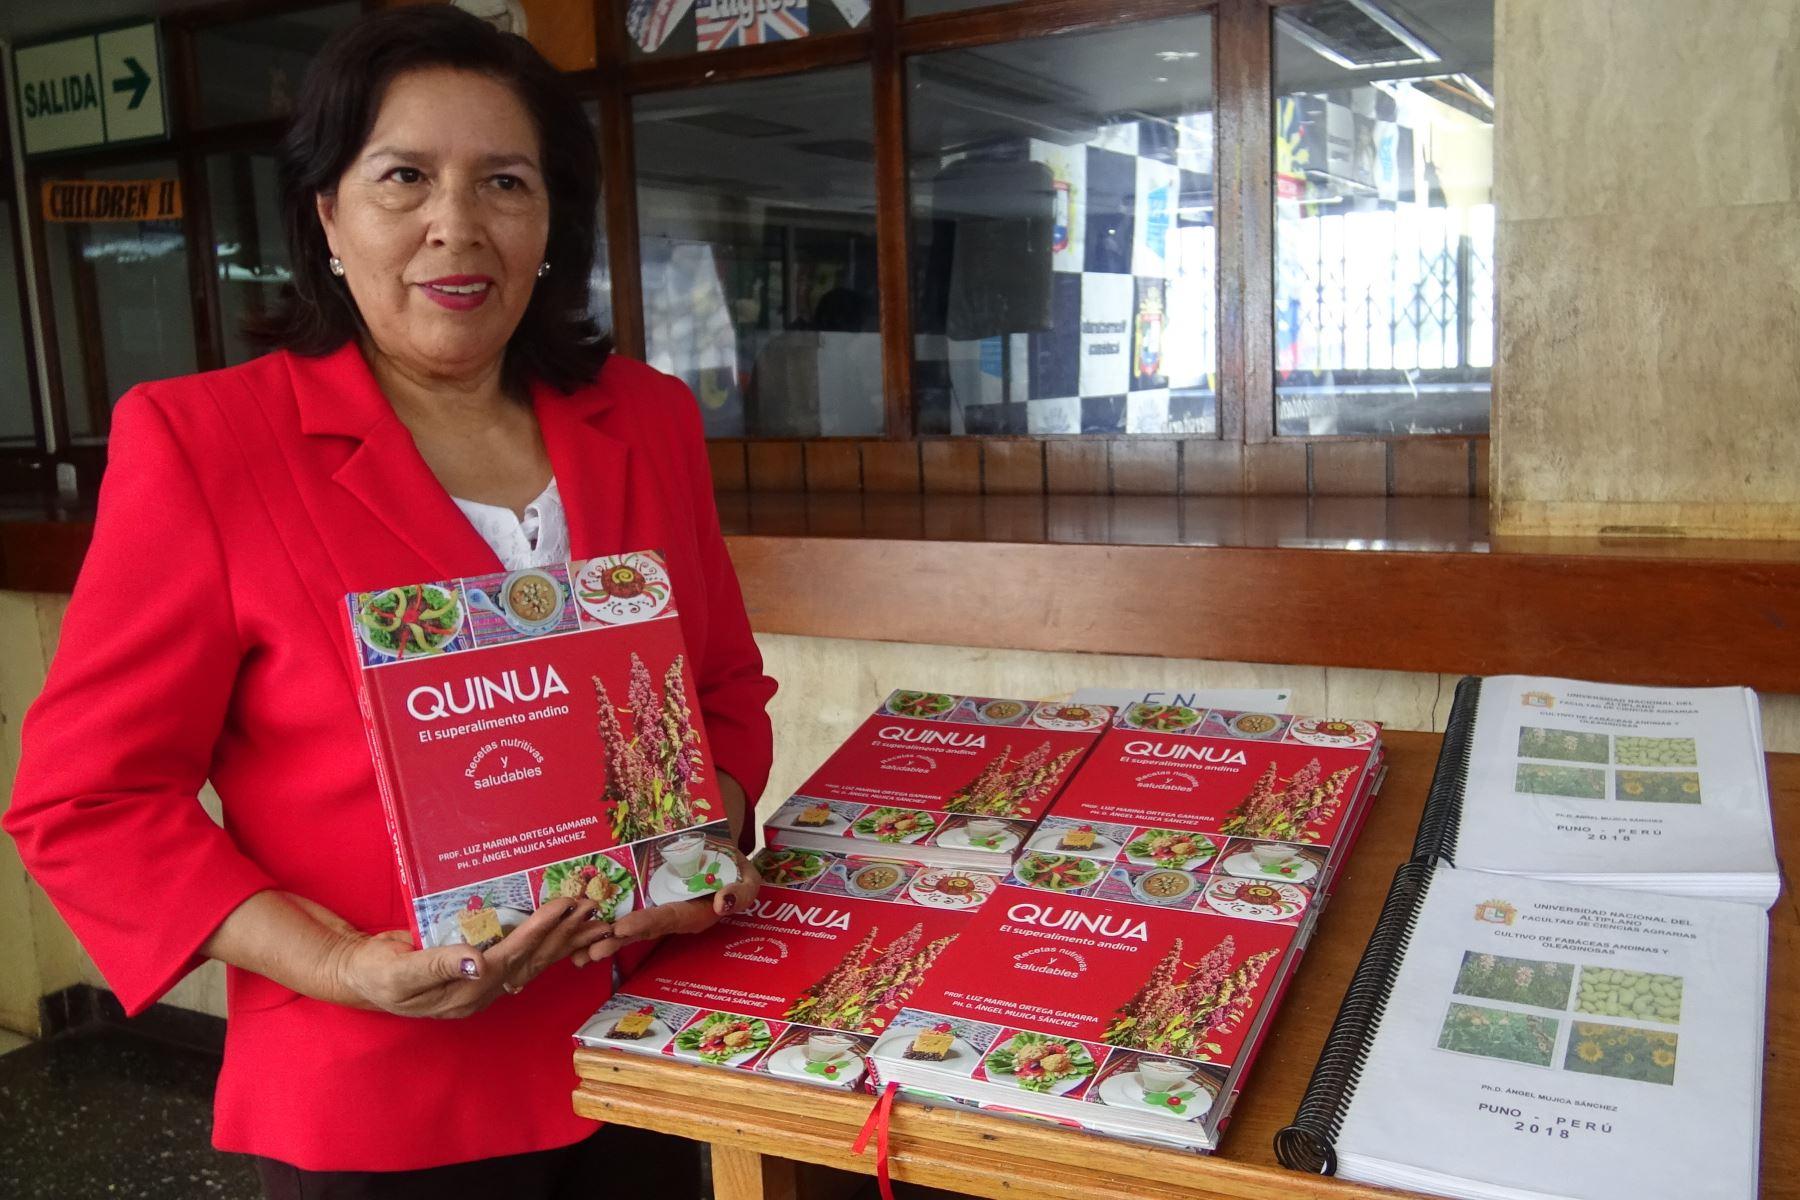 Docentes de la Universidad Nacional del Altiplano de Puno presentan recetario de comida a base de quinua para masificar su consumo.